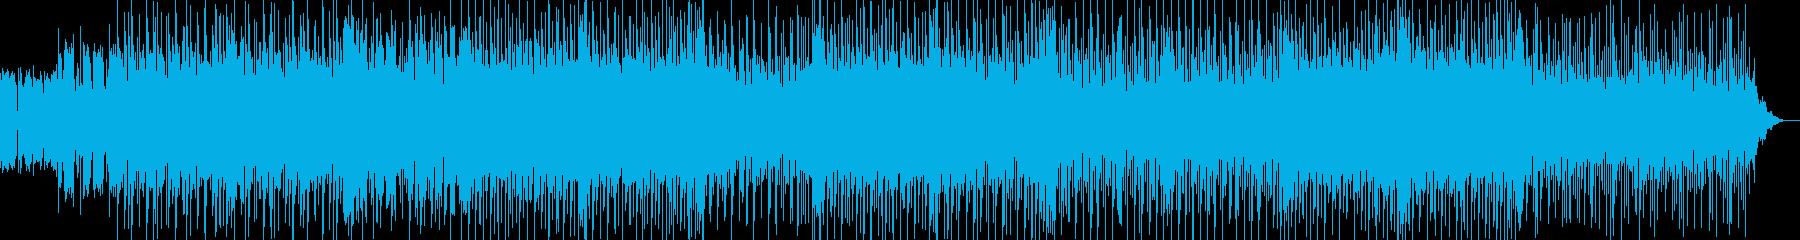 ハウスっぽいリズムとノリのカッコイ曲の再生済みの波形